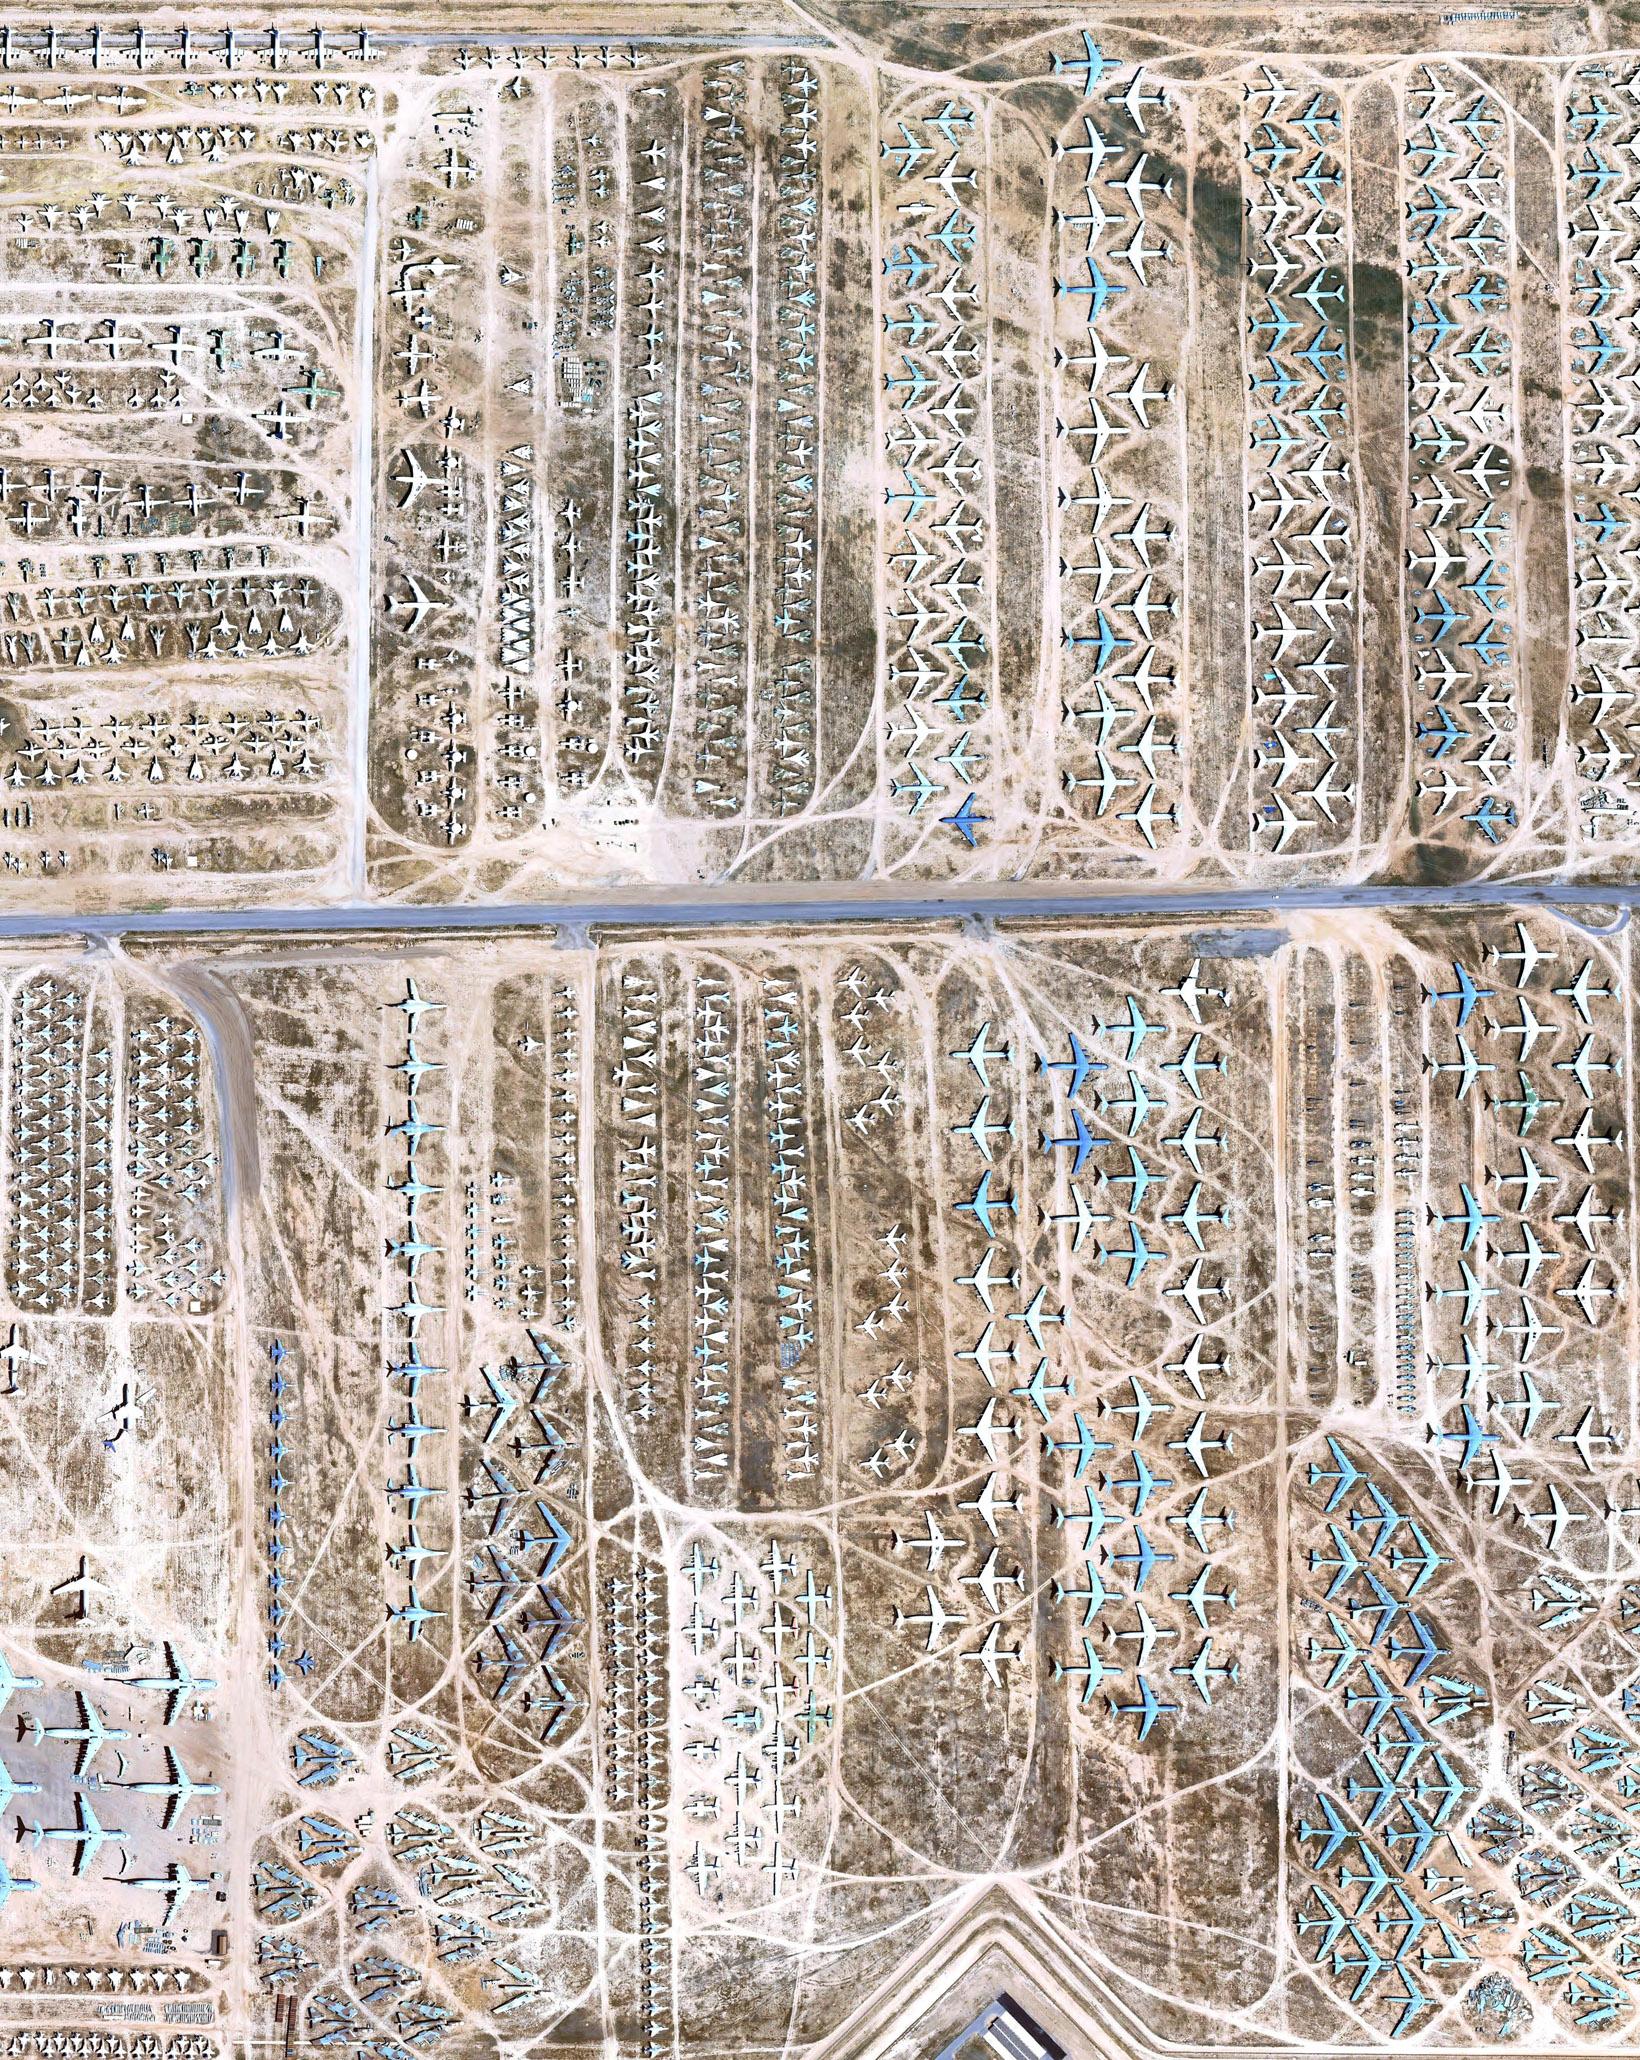 Cel mai mare cimitir aviatic vazut prin Google Earth pentru prima data